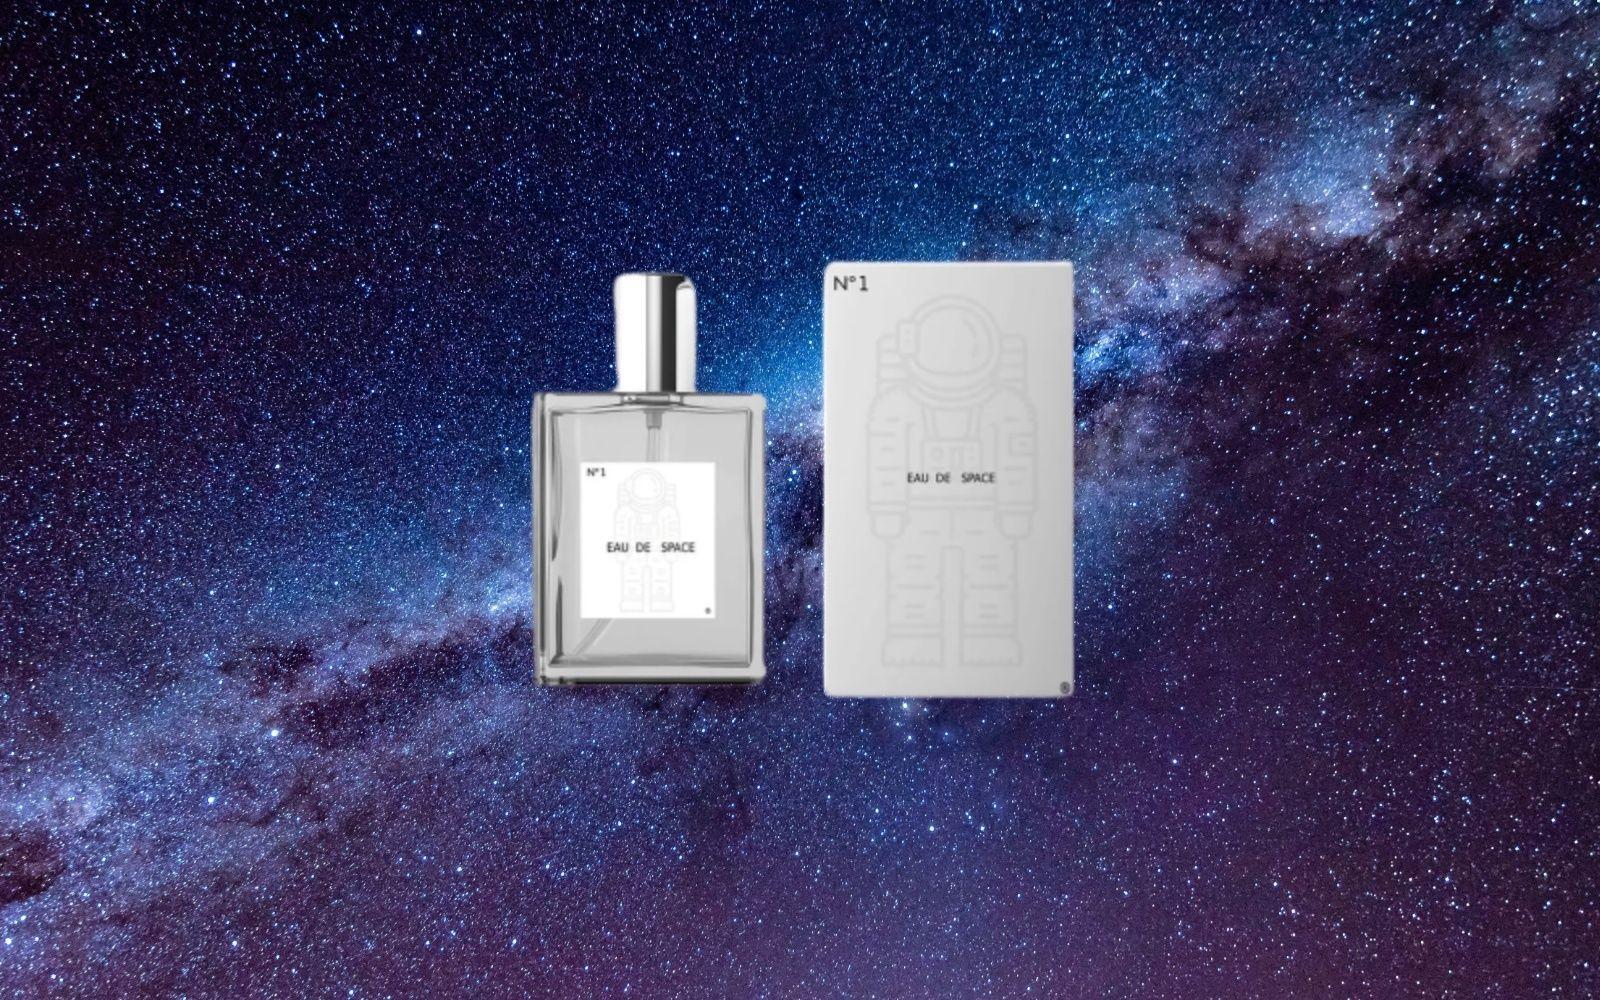 ¿Realmente se está vendiendo el olor del espacio en una botella?